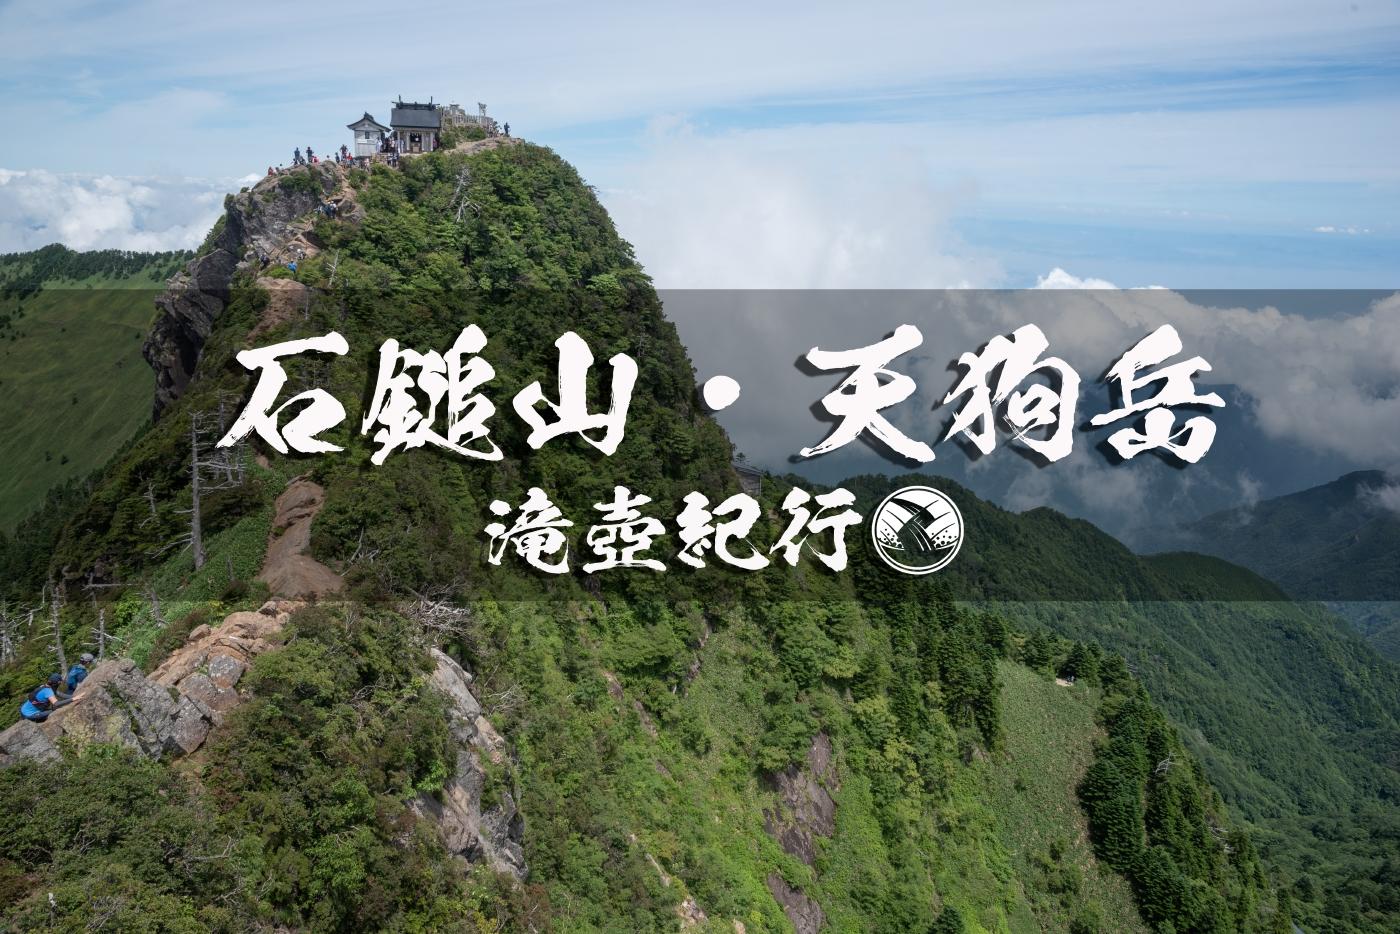 石鎚山登山 四国カルストとUFOラインを添えて ~愛媛県・西条市/久万高原町~